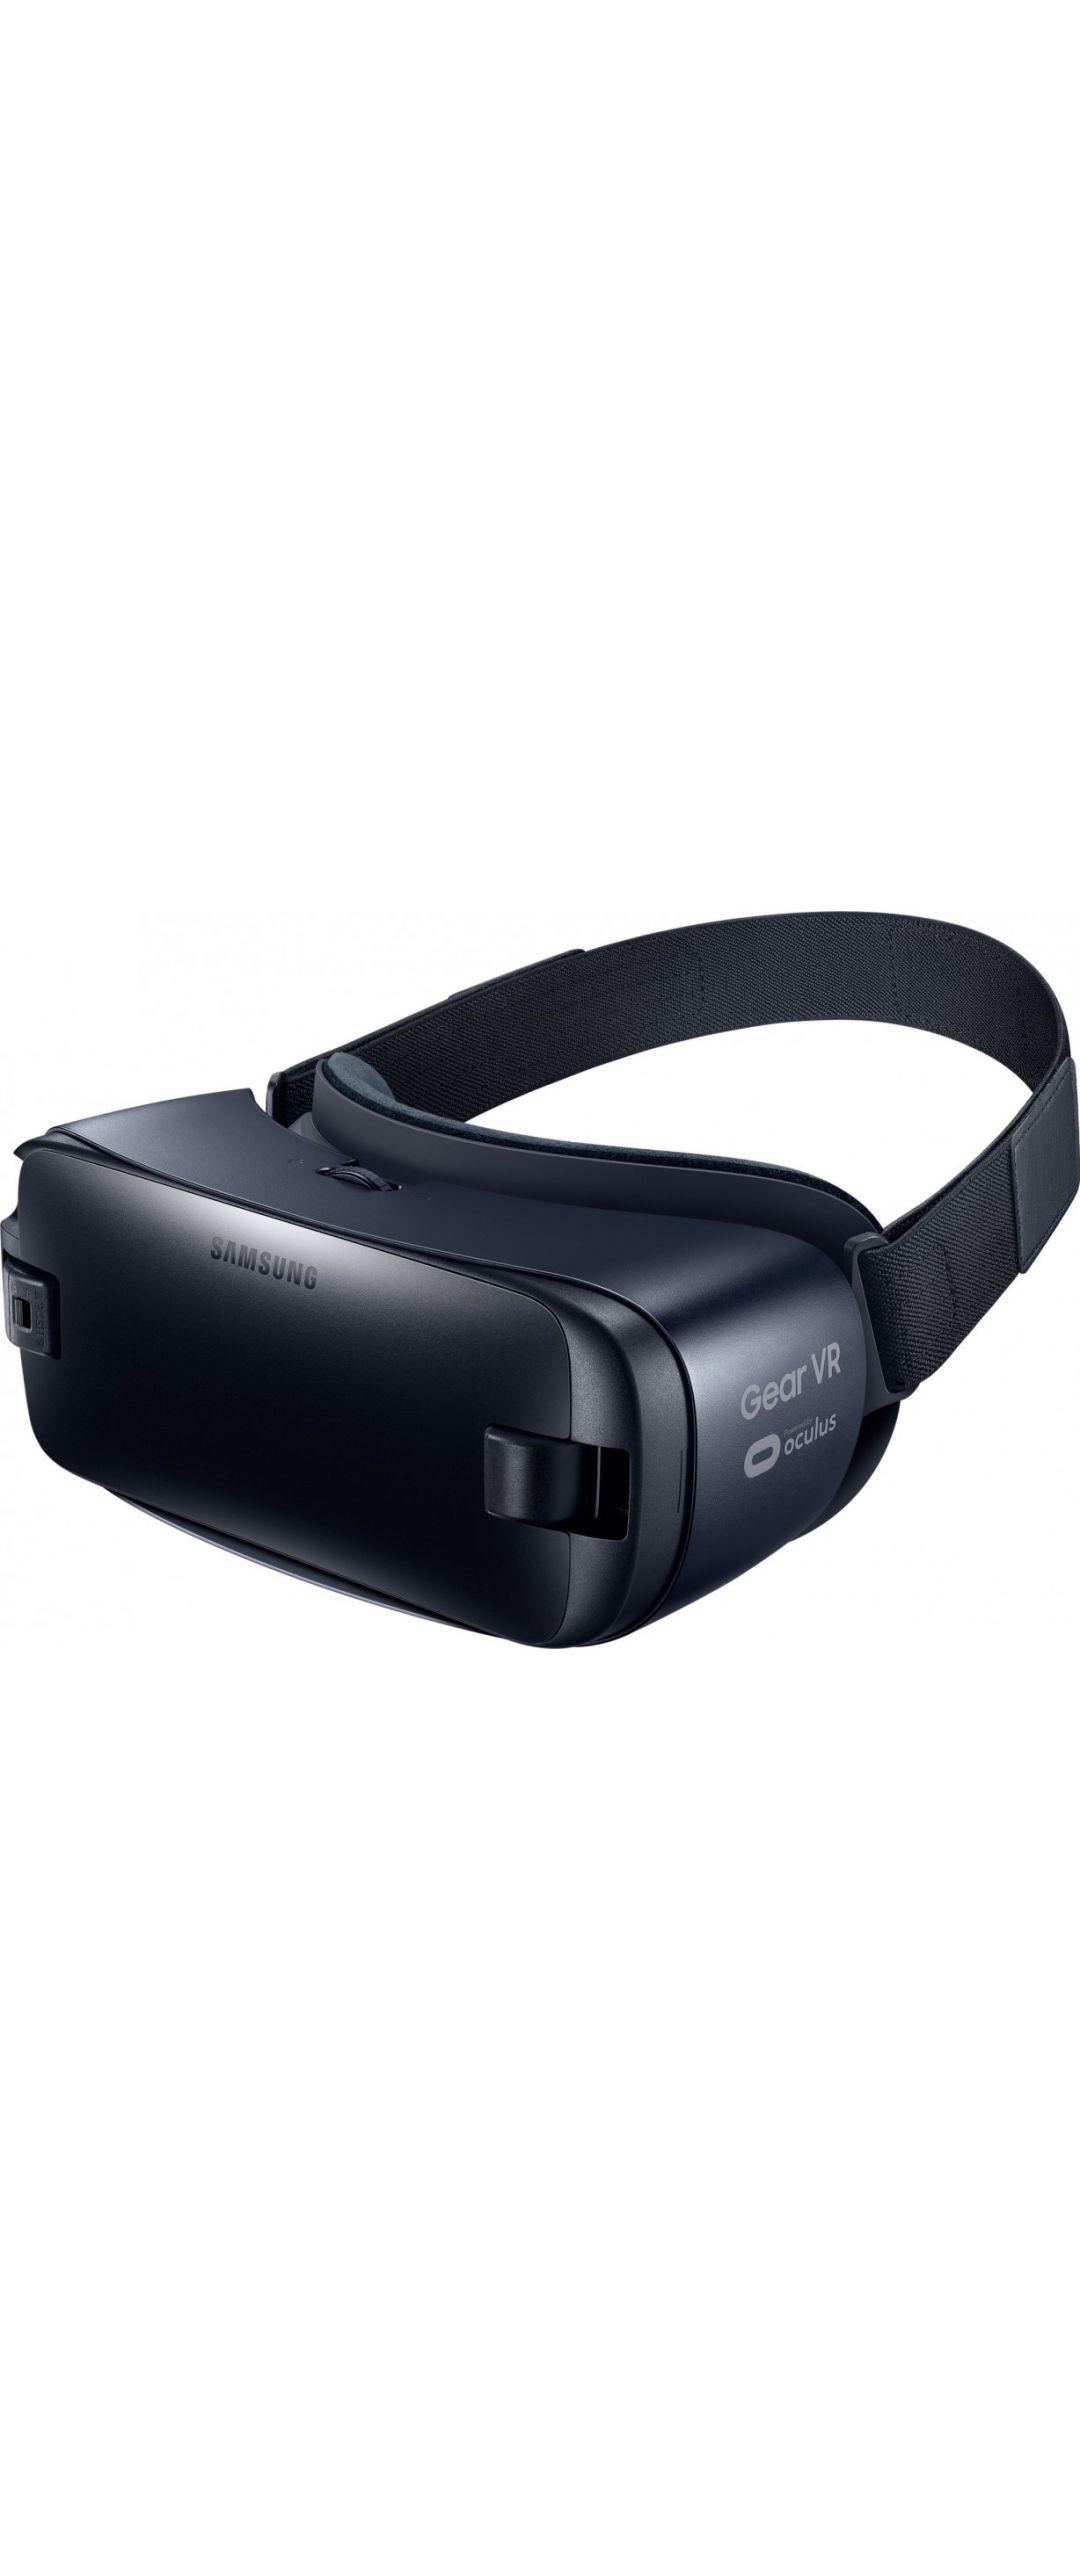 Nuevo Samsung Gear VR con control confirma fecha de lanzamiento y precio